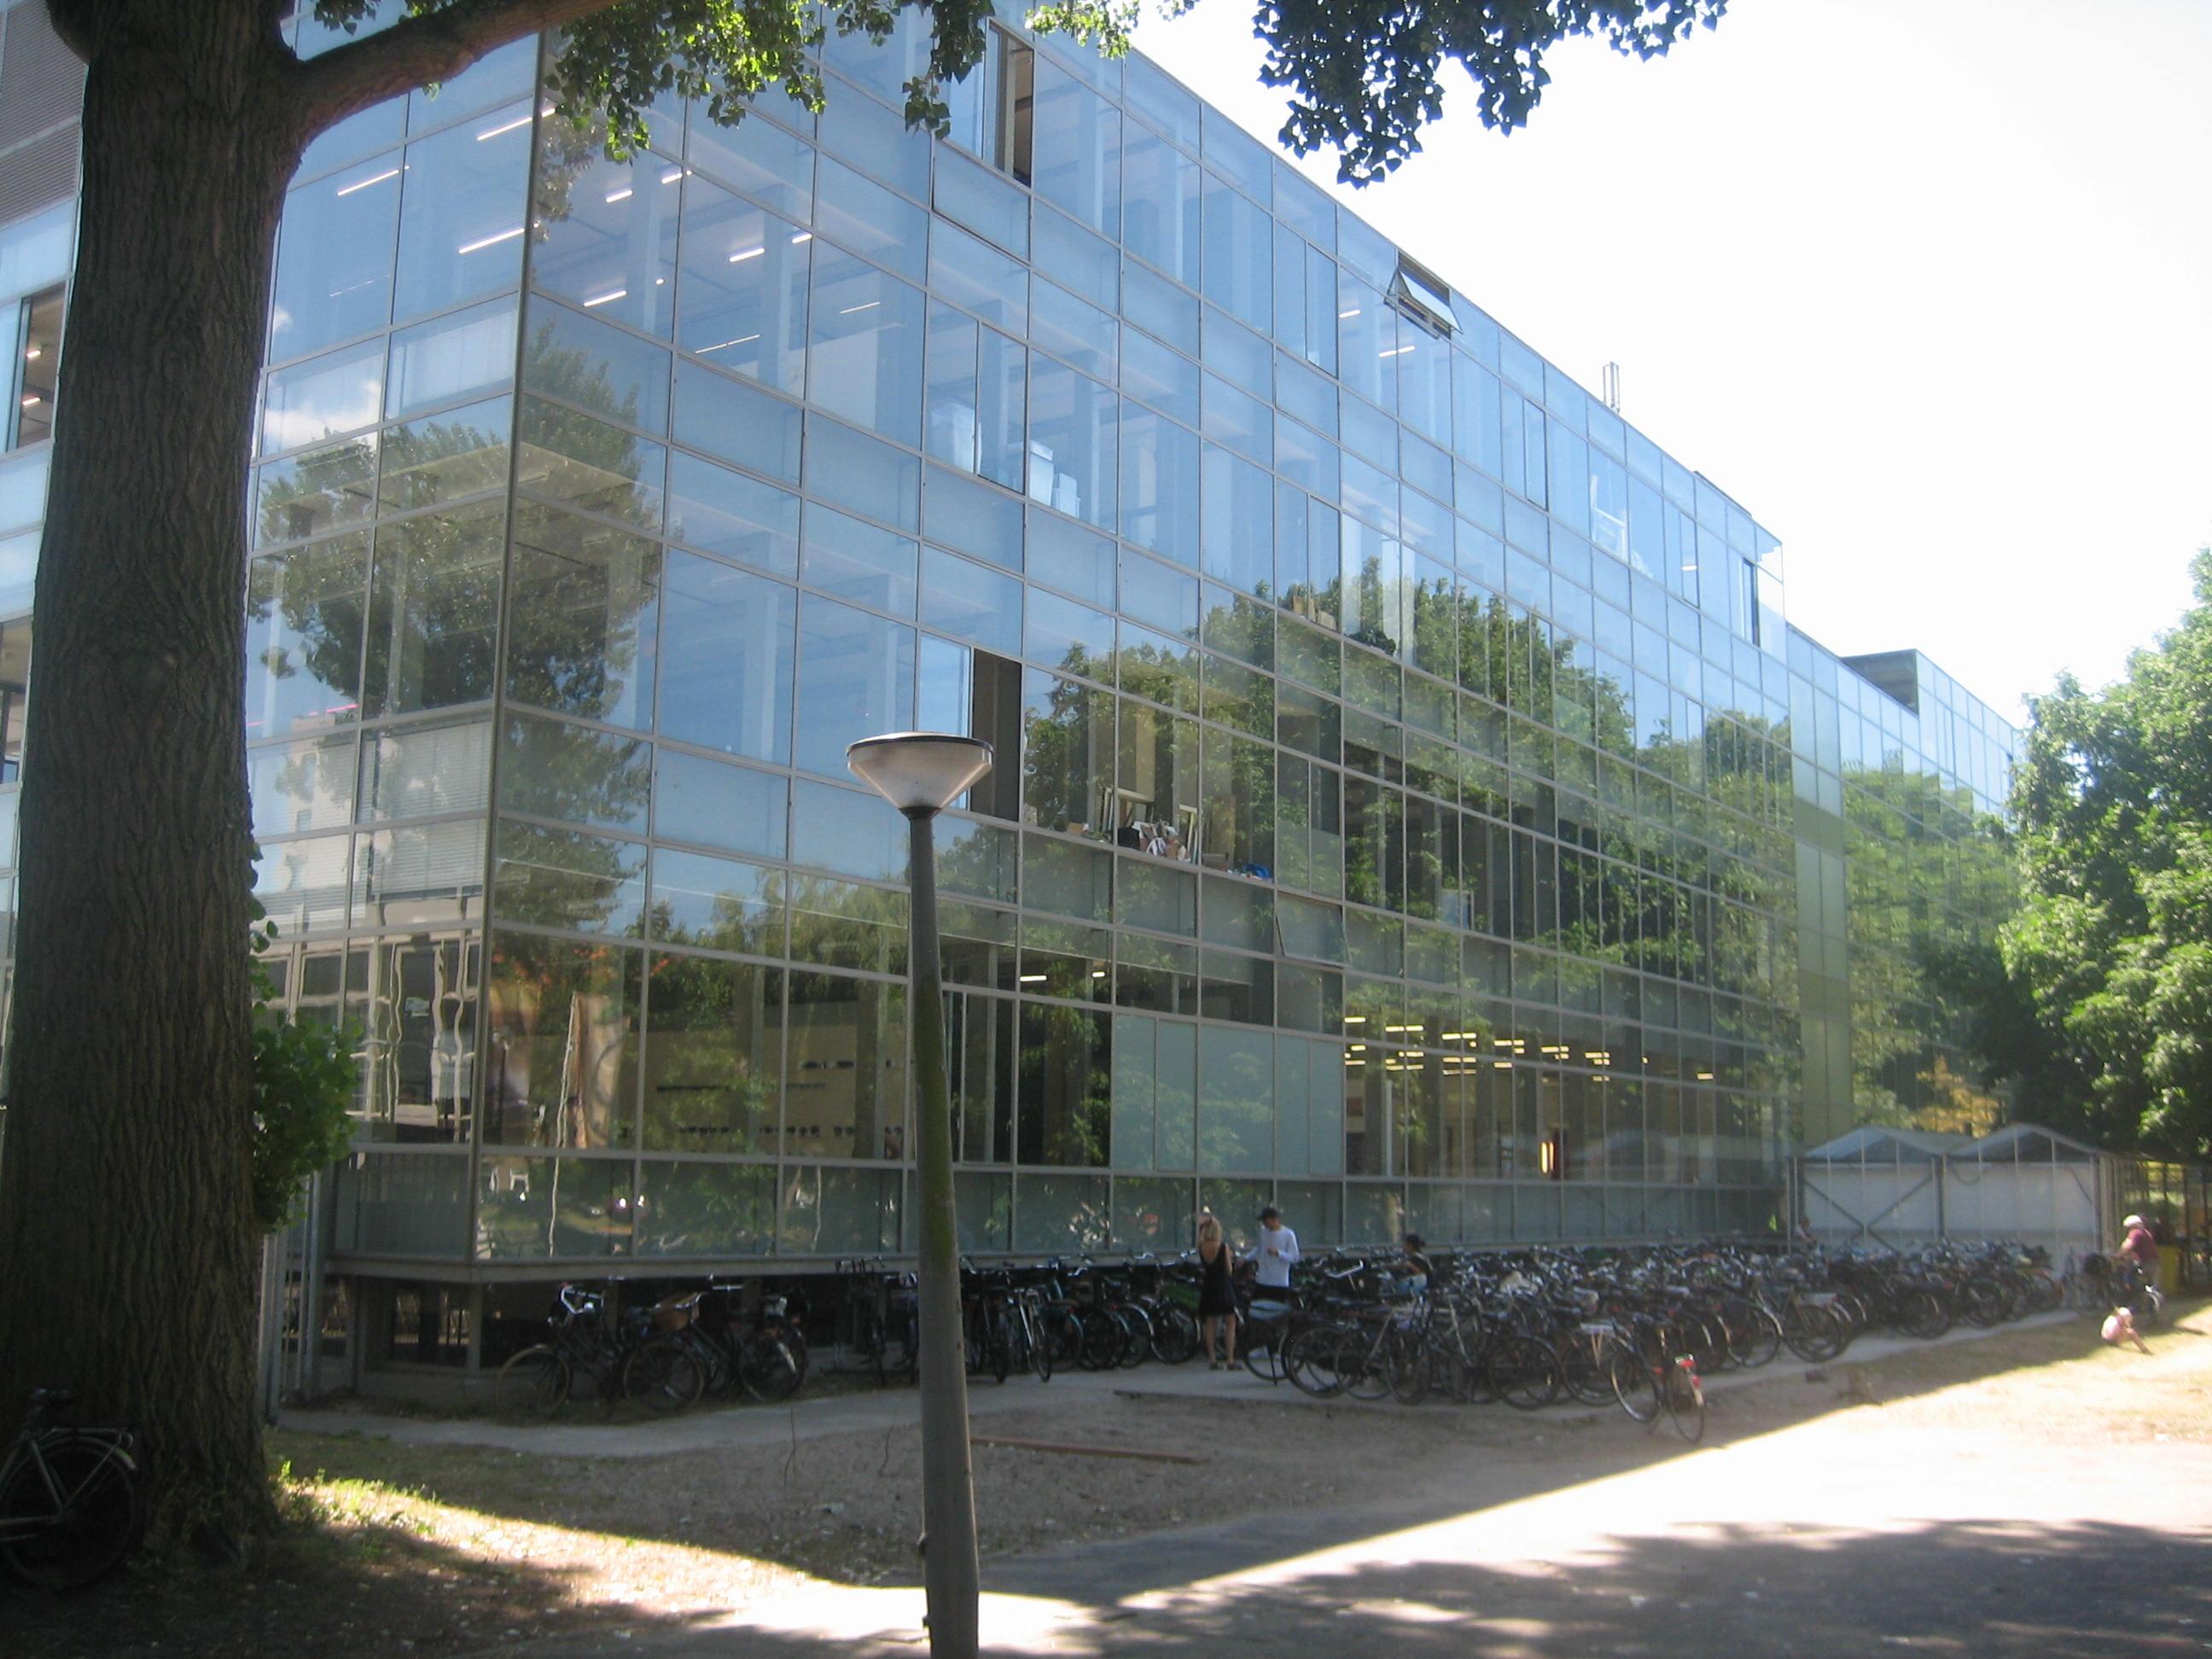 Gerrit Rietveld Academie. Foto Esther Doornbusch, juli 2018, CC BY 4.0